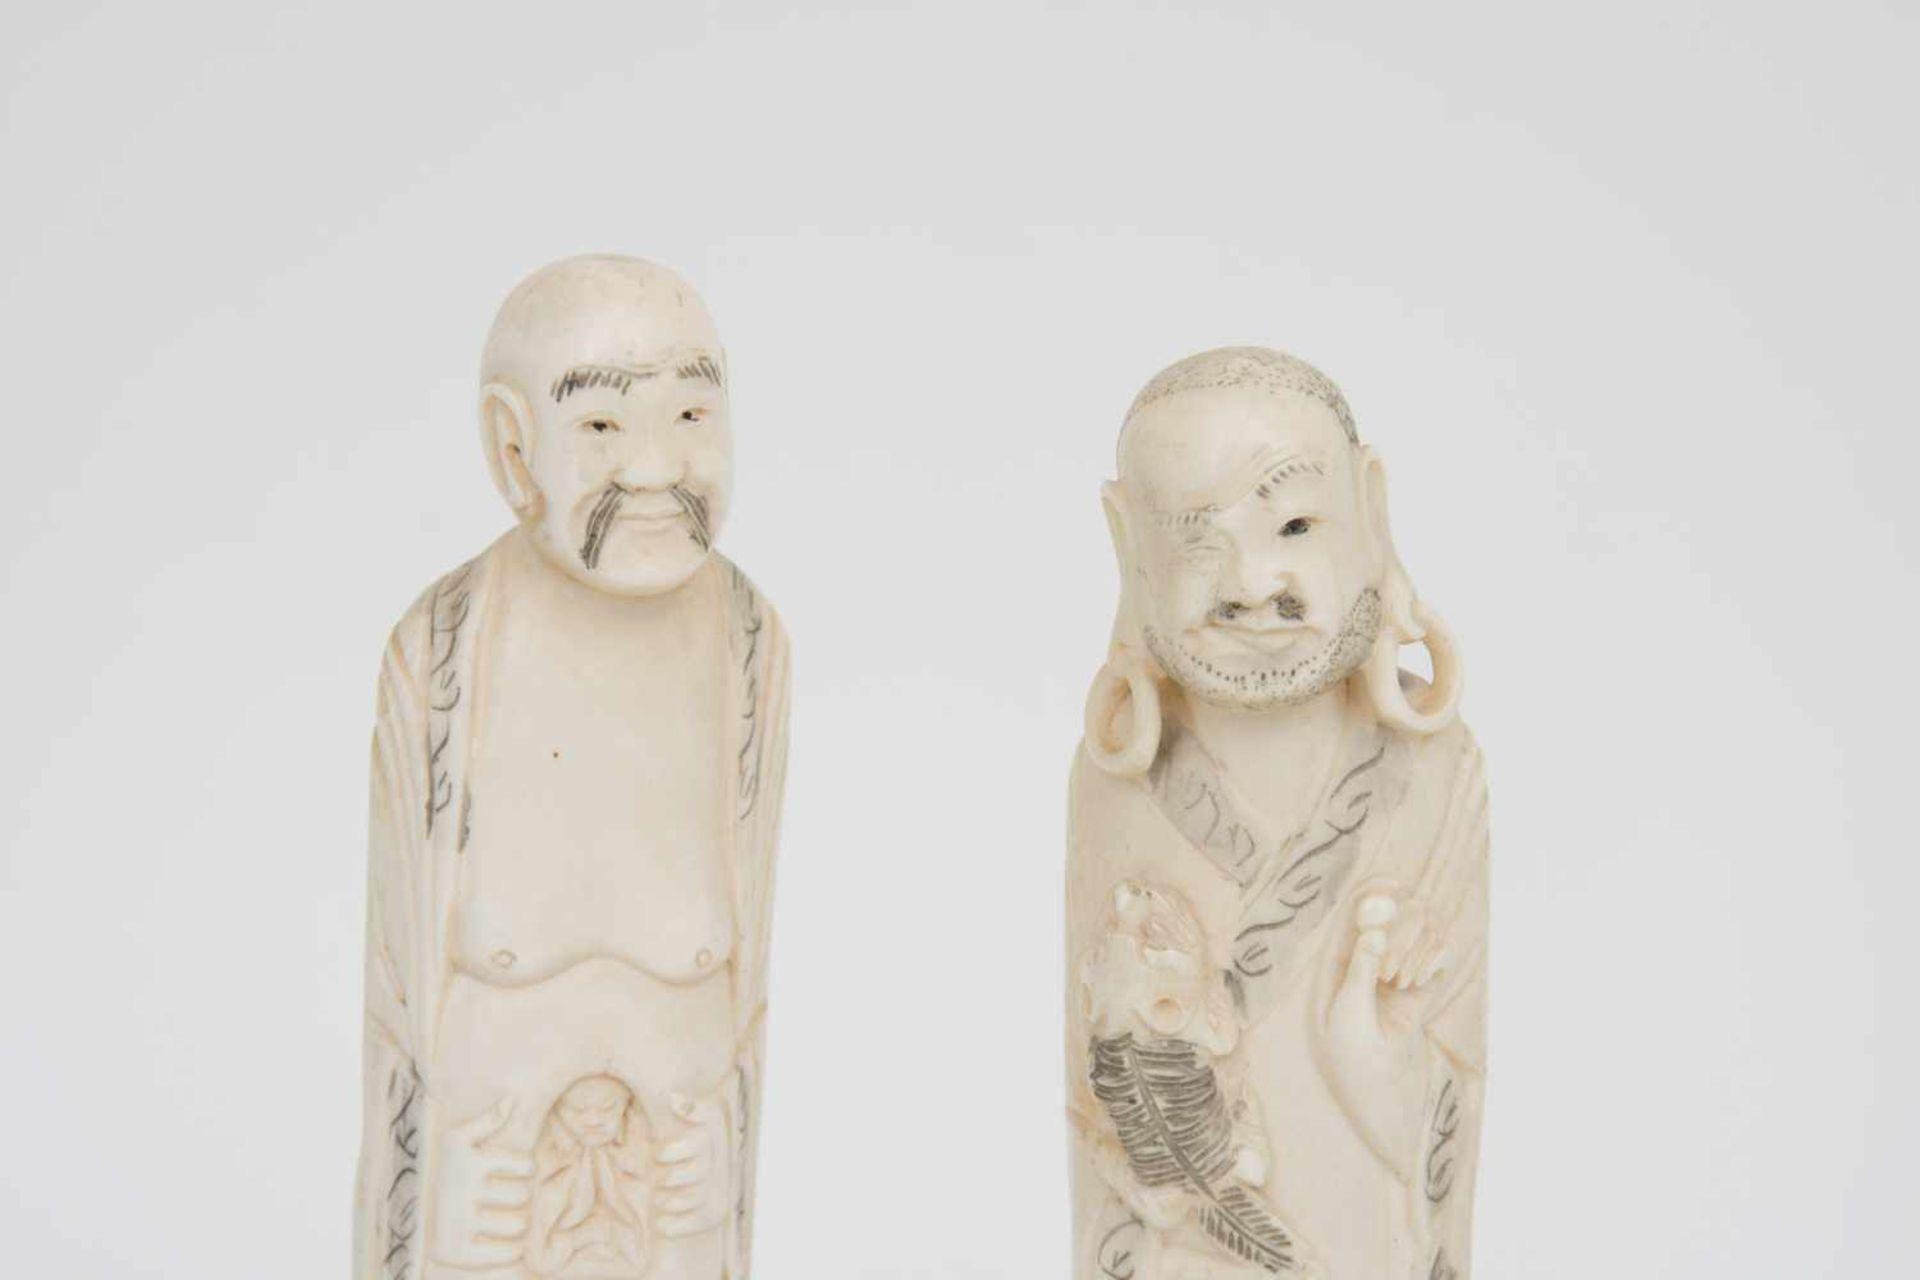 Los 40 - FEIN GESCHNITZTES FIGURENPAAR AUS BEIN, China, 19. Jahrhundert. Zwei kleine männliche Figuren fein